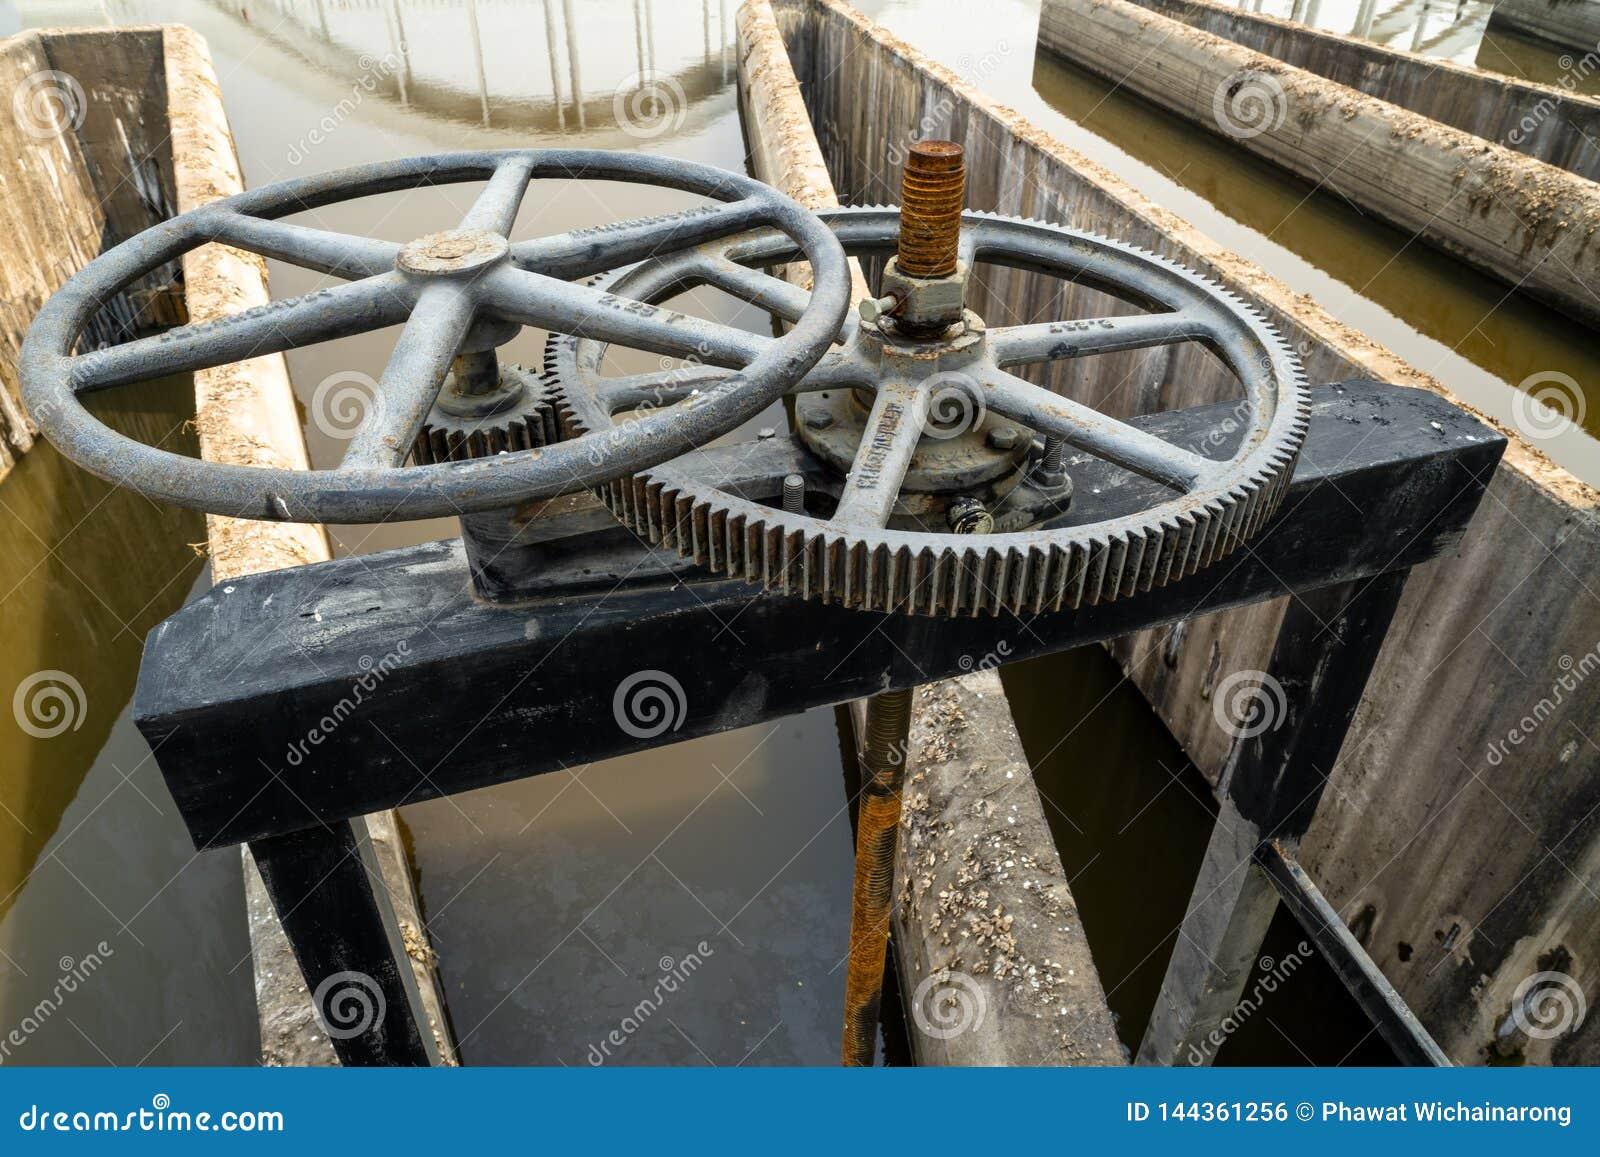 黑有文本的金属钝齿轮控制水闸特写镜头在泰语意思'物产'在一边